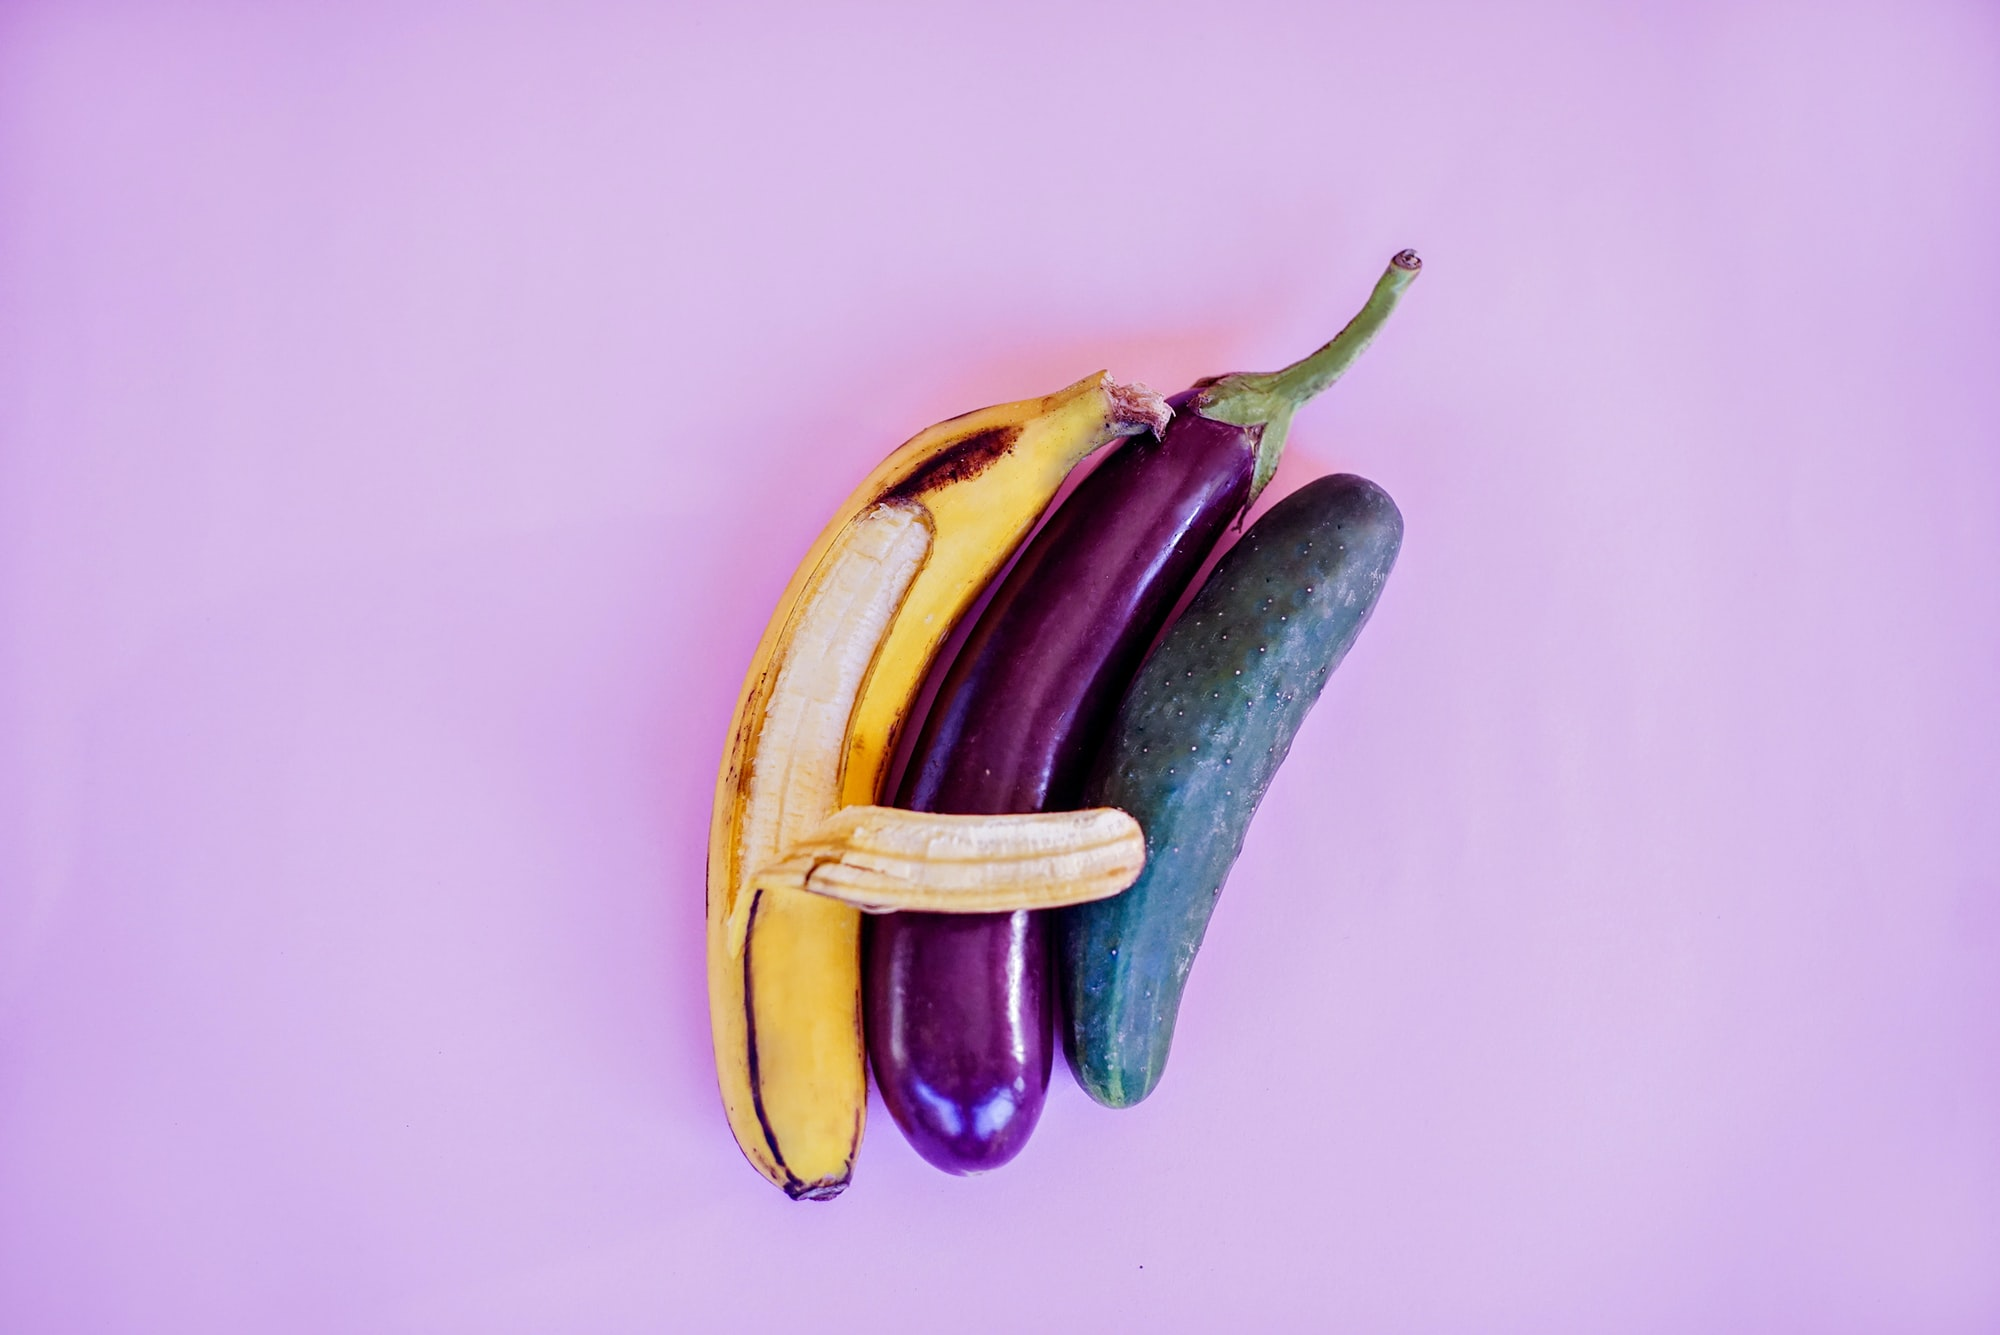 Composición de frutas y vegetales ideal para representar las relaciones no monógamas o el poliamor.